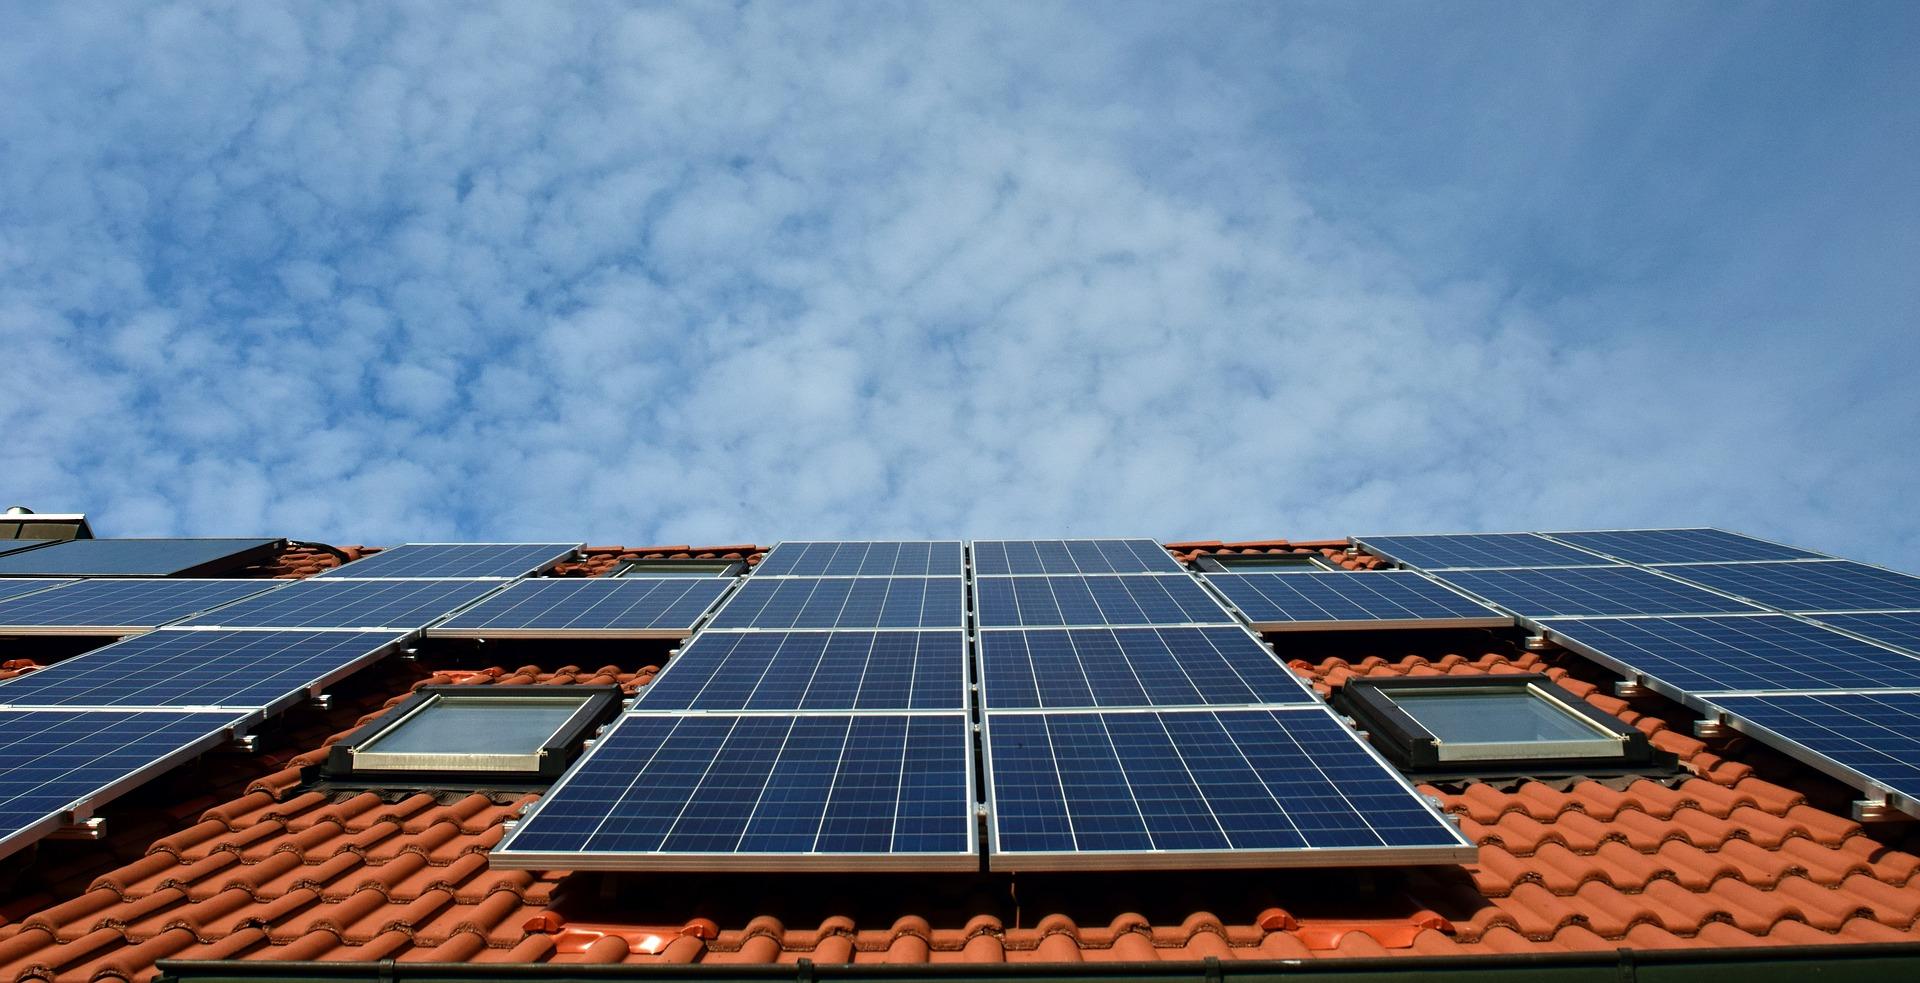 Årsmöte & föreläsning om solceller